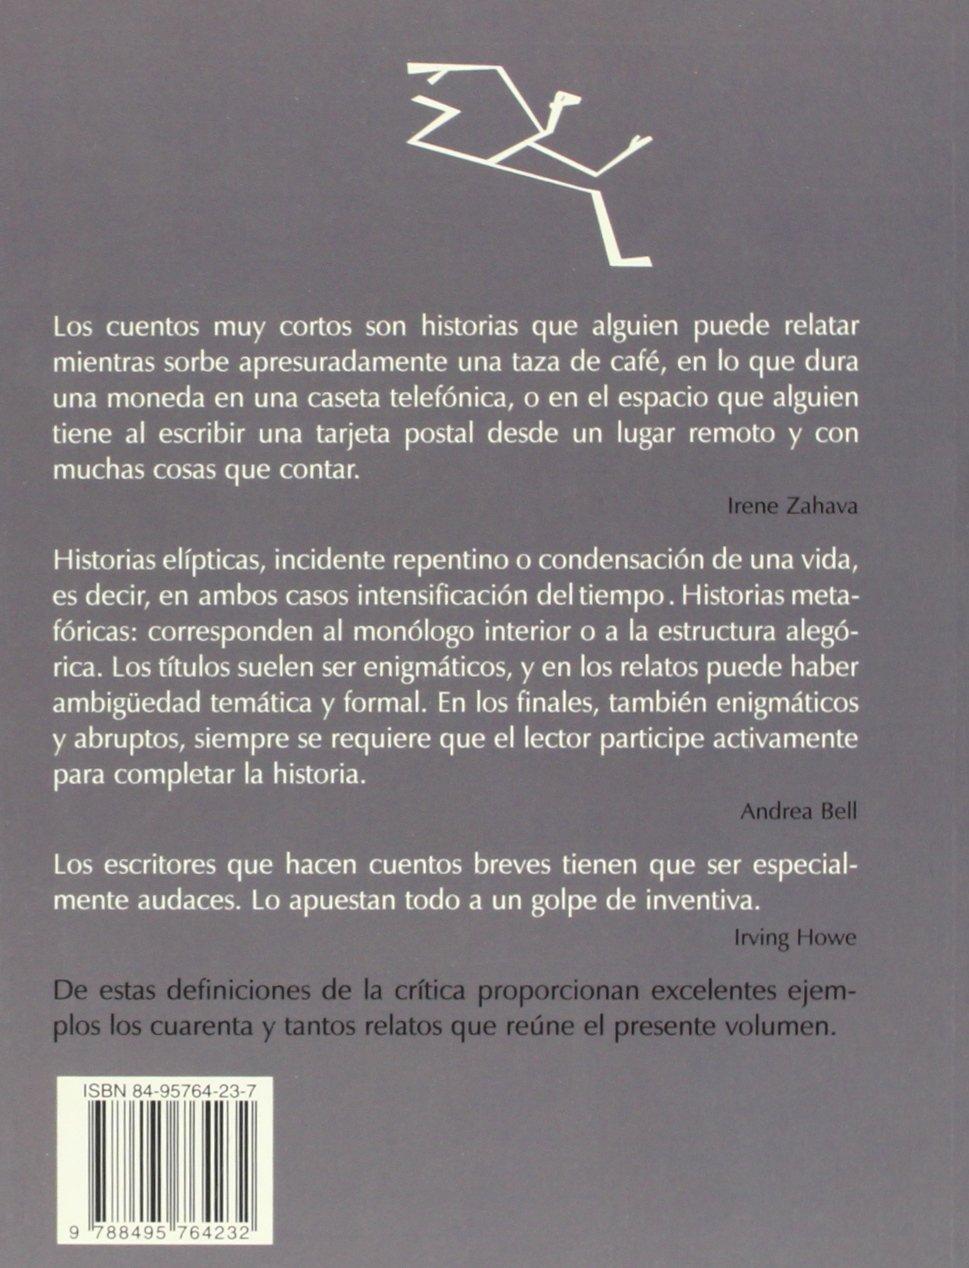 Dinamo estrellada (Bárbaros): Amazon.es: Miquel Silvestre, Carola Moreno, Luisa Vera, Joan Edo: Libros